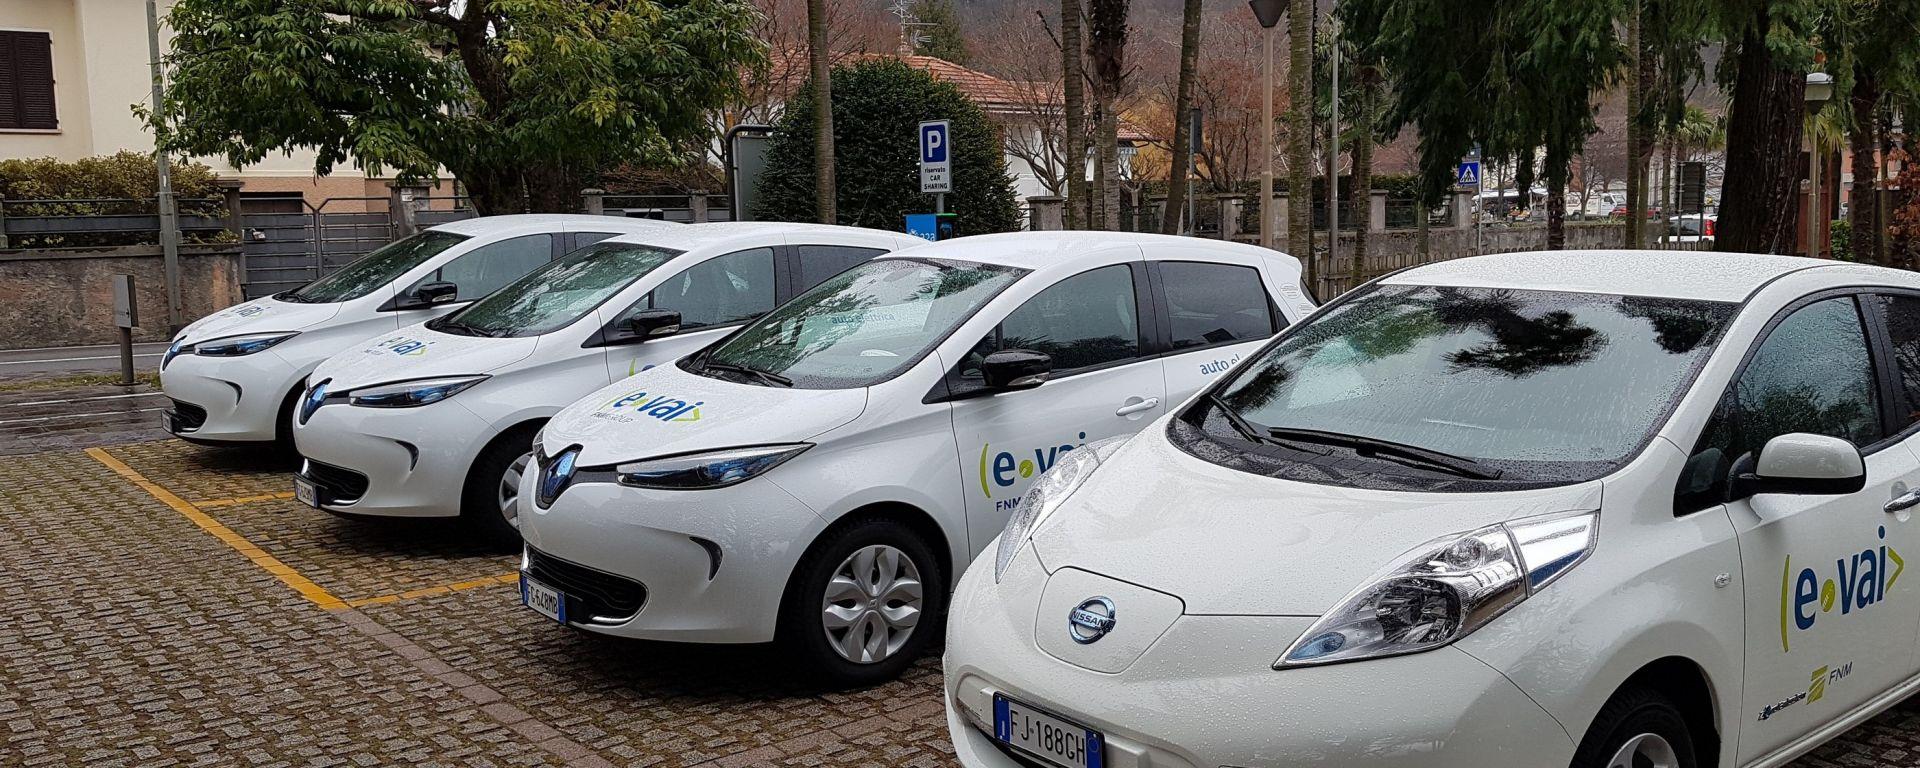 E-Vai e Carlsberg: insieme per promuovere la mobilità sostenibile